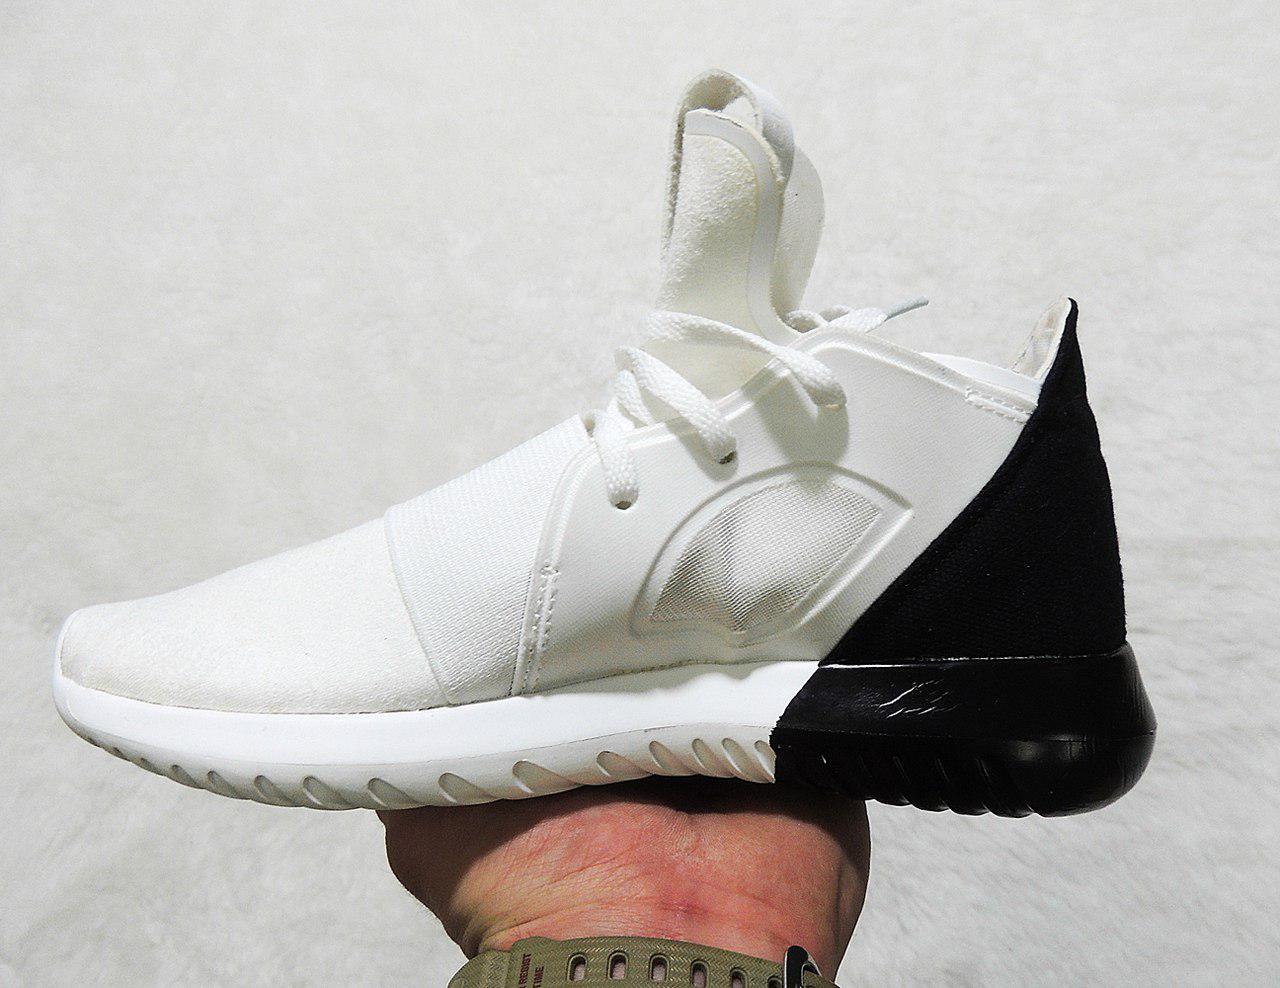 5af5517f288a Женские кроссовки Adidas Tubular Defiant Men Black White топ реплика -  Интернет-магазин обуви и